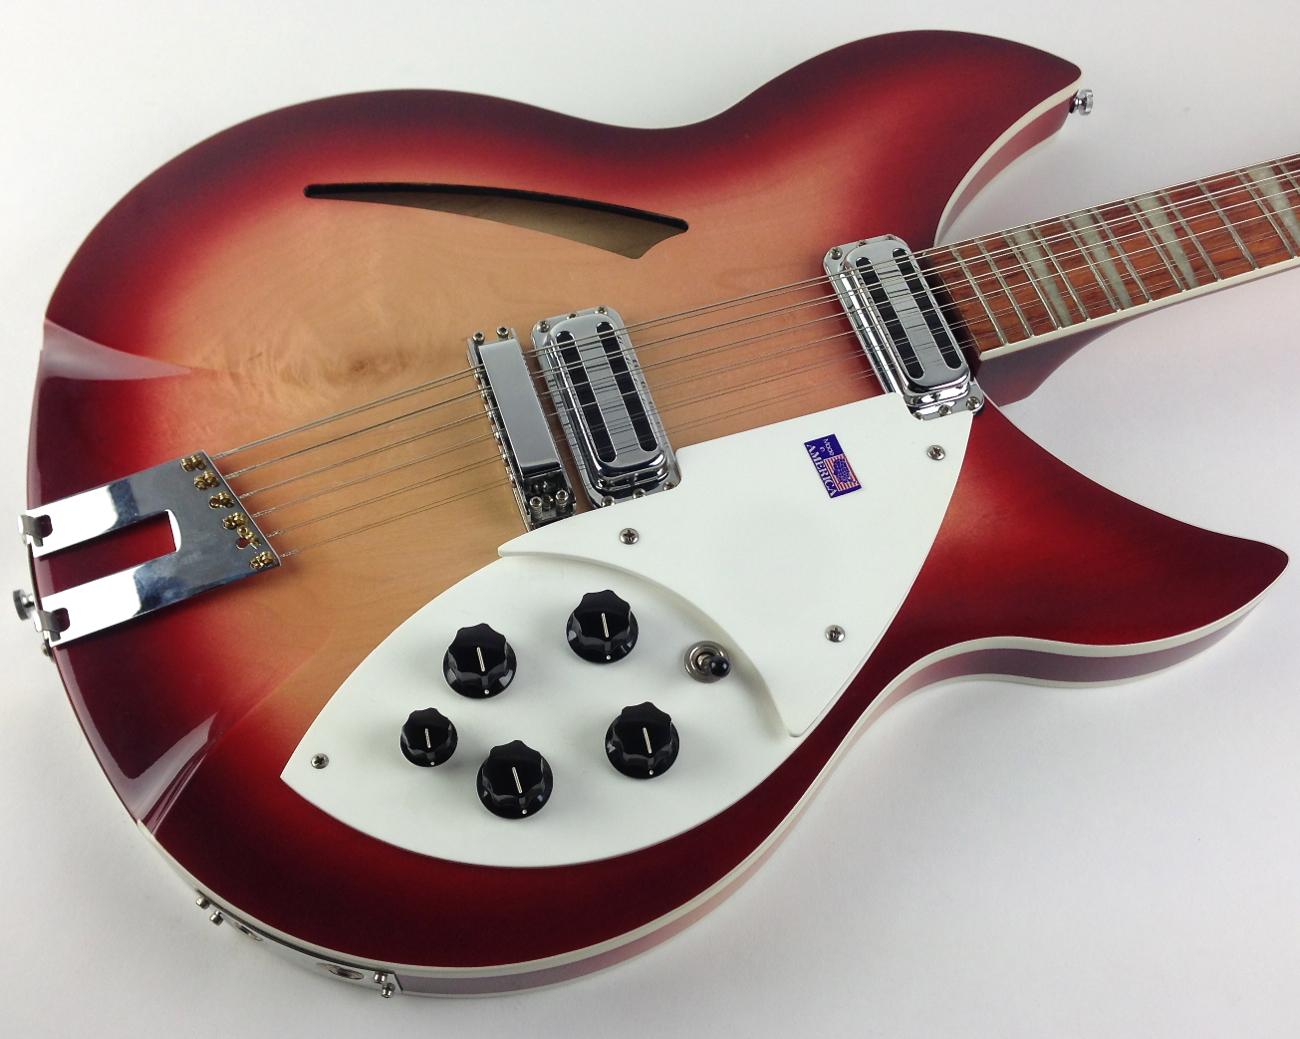 rickenbacker 360 12 v64 1999 fireglo guitar for sale thunder road guitars. Black Bedroom Furniture Sets. Home Design Ideas